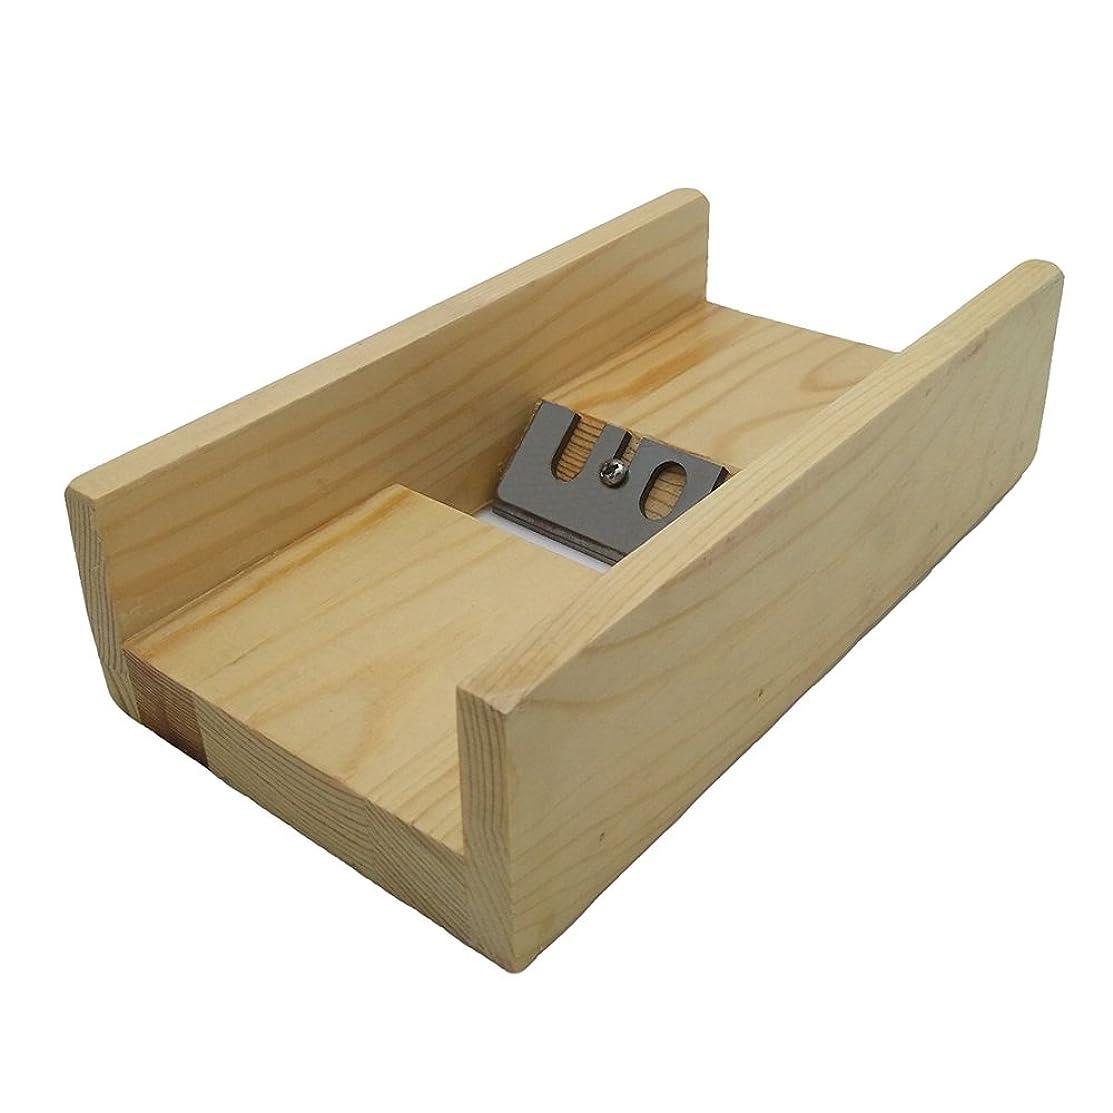 Dealglad Wooden DIY Soap Mold Handmade Loaf Cutter Beveler Planer Soap Making Tool